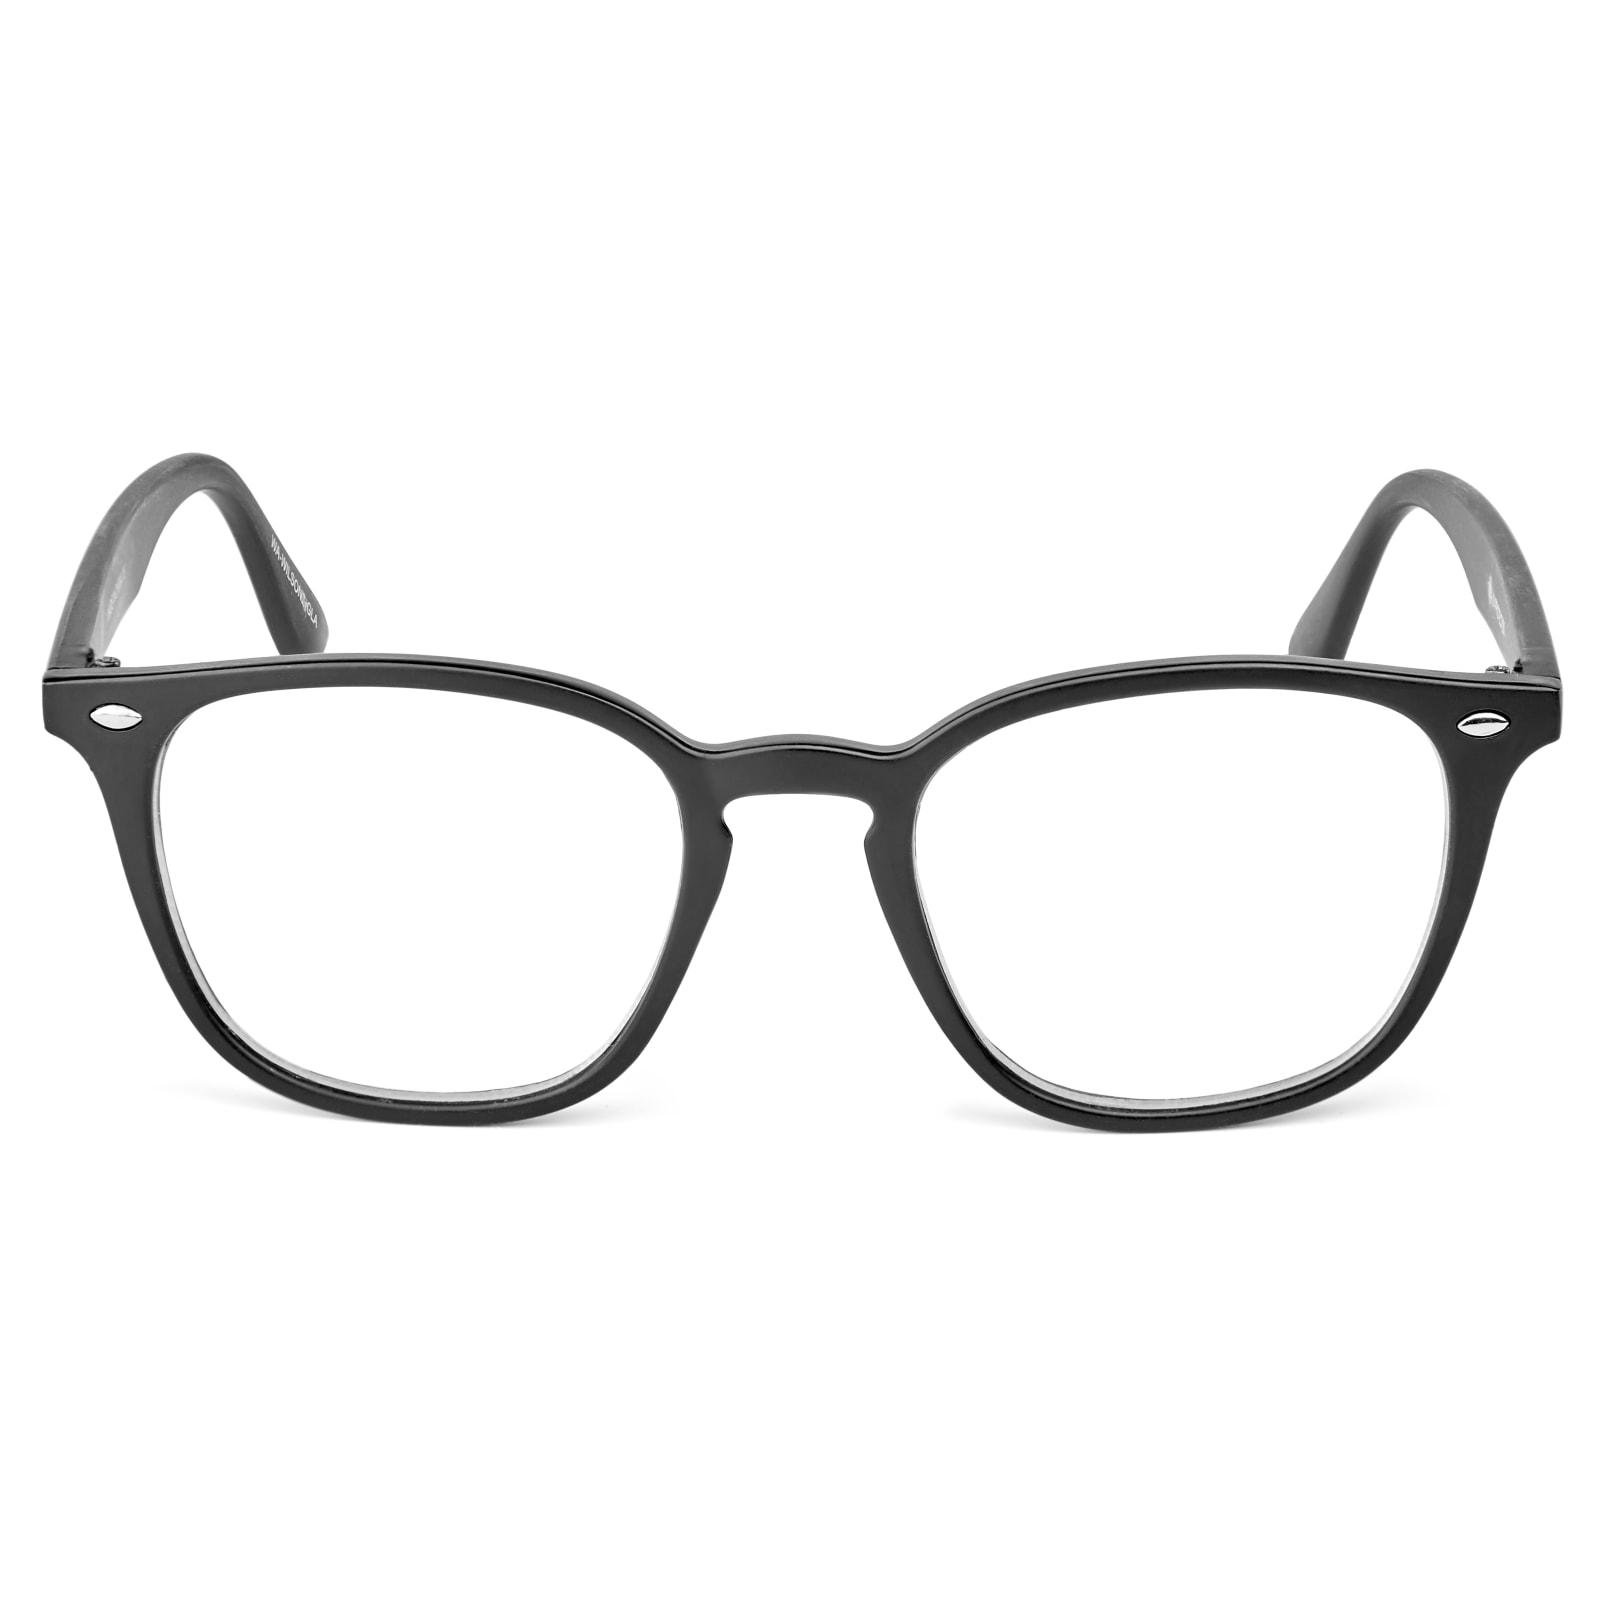 4d7011cde Okuliare s čírymi sklami Wilson Retro   Doručenie zdarma   Waykins